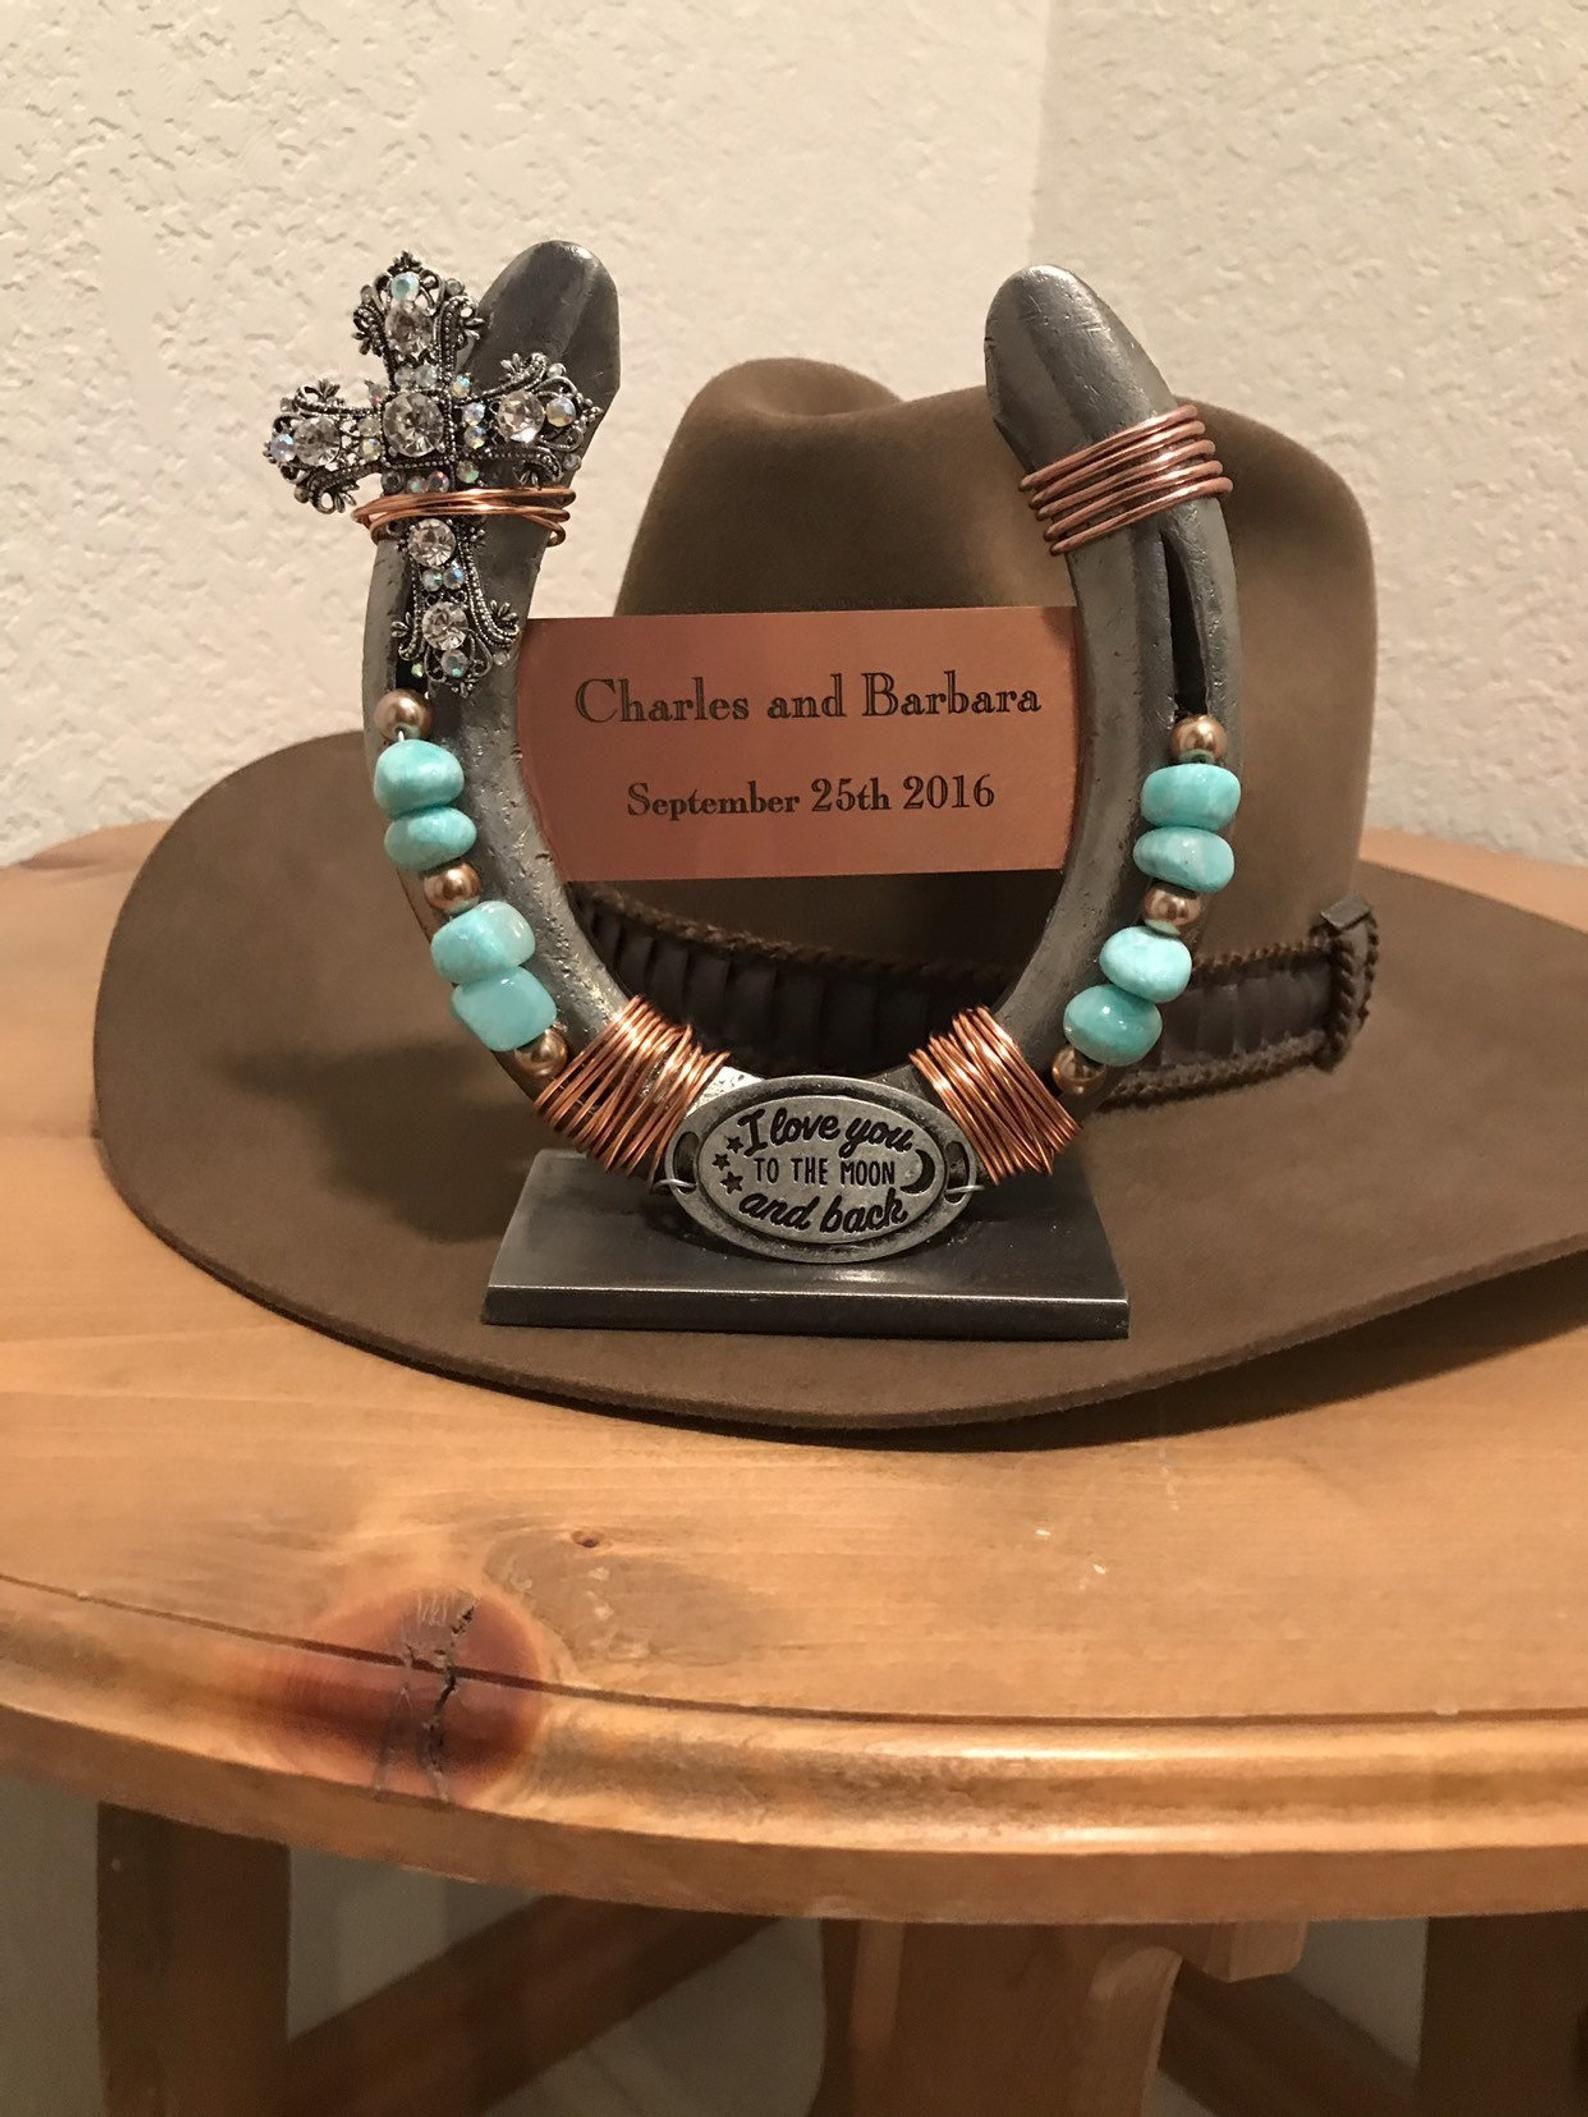 Wedding gift, decorative horseshoe, gift for couple, good